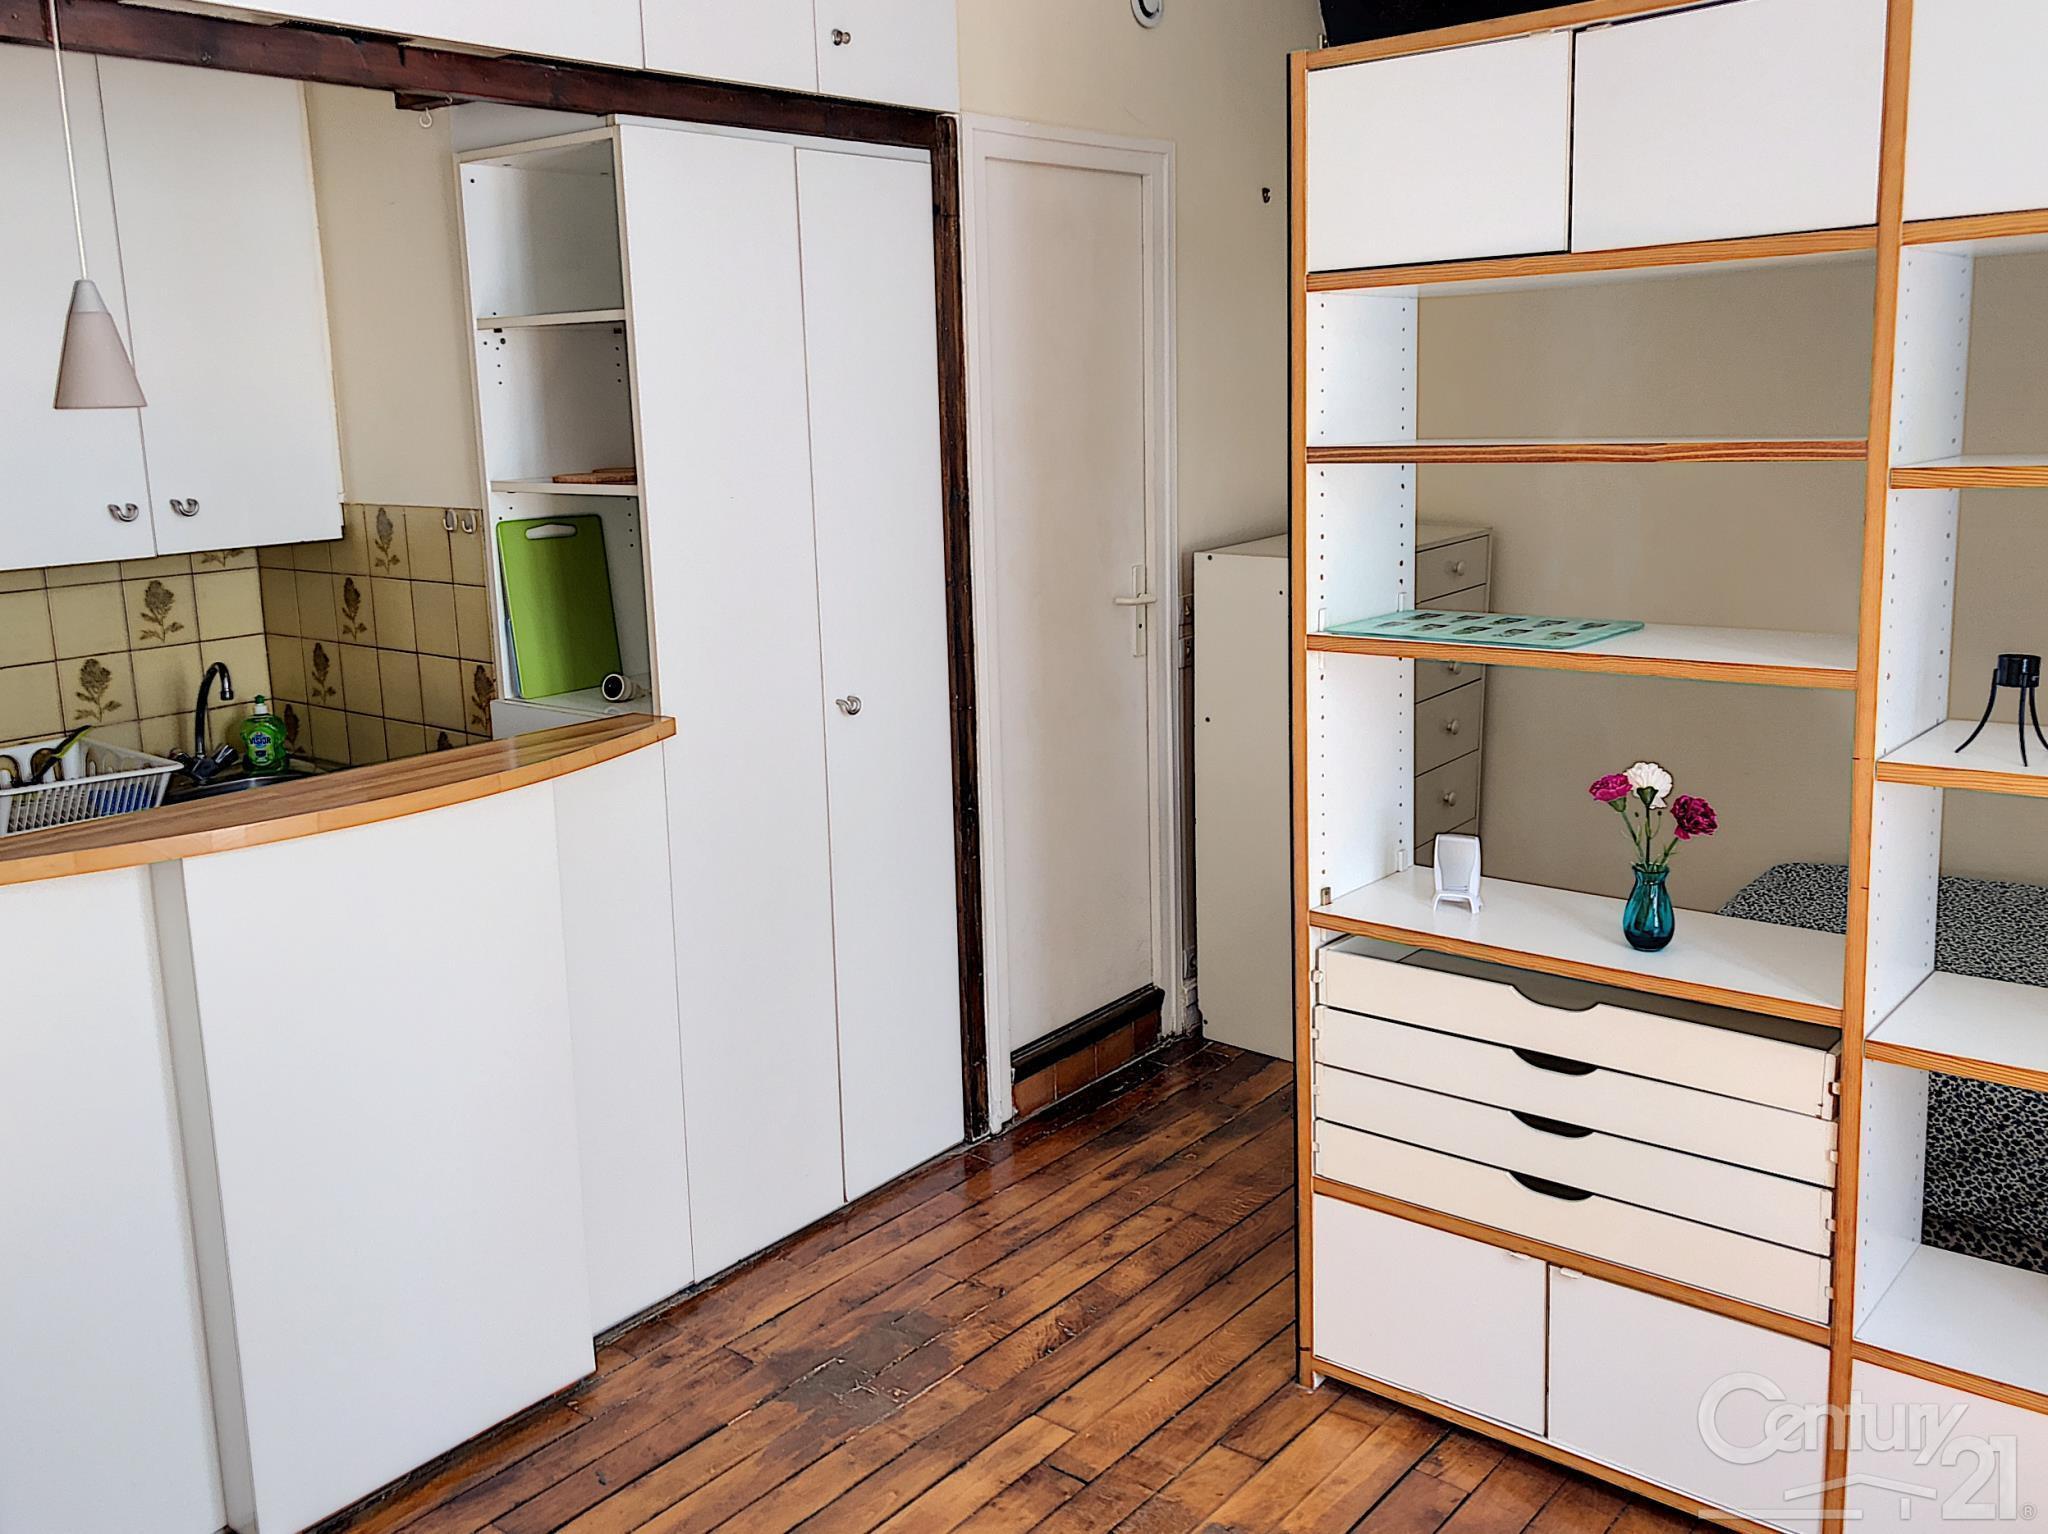 Appartement F1 1 Pi 232 Ce 224 Louer Paris 75014 Ref 585